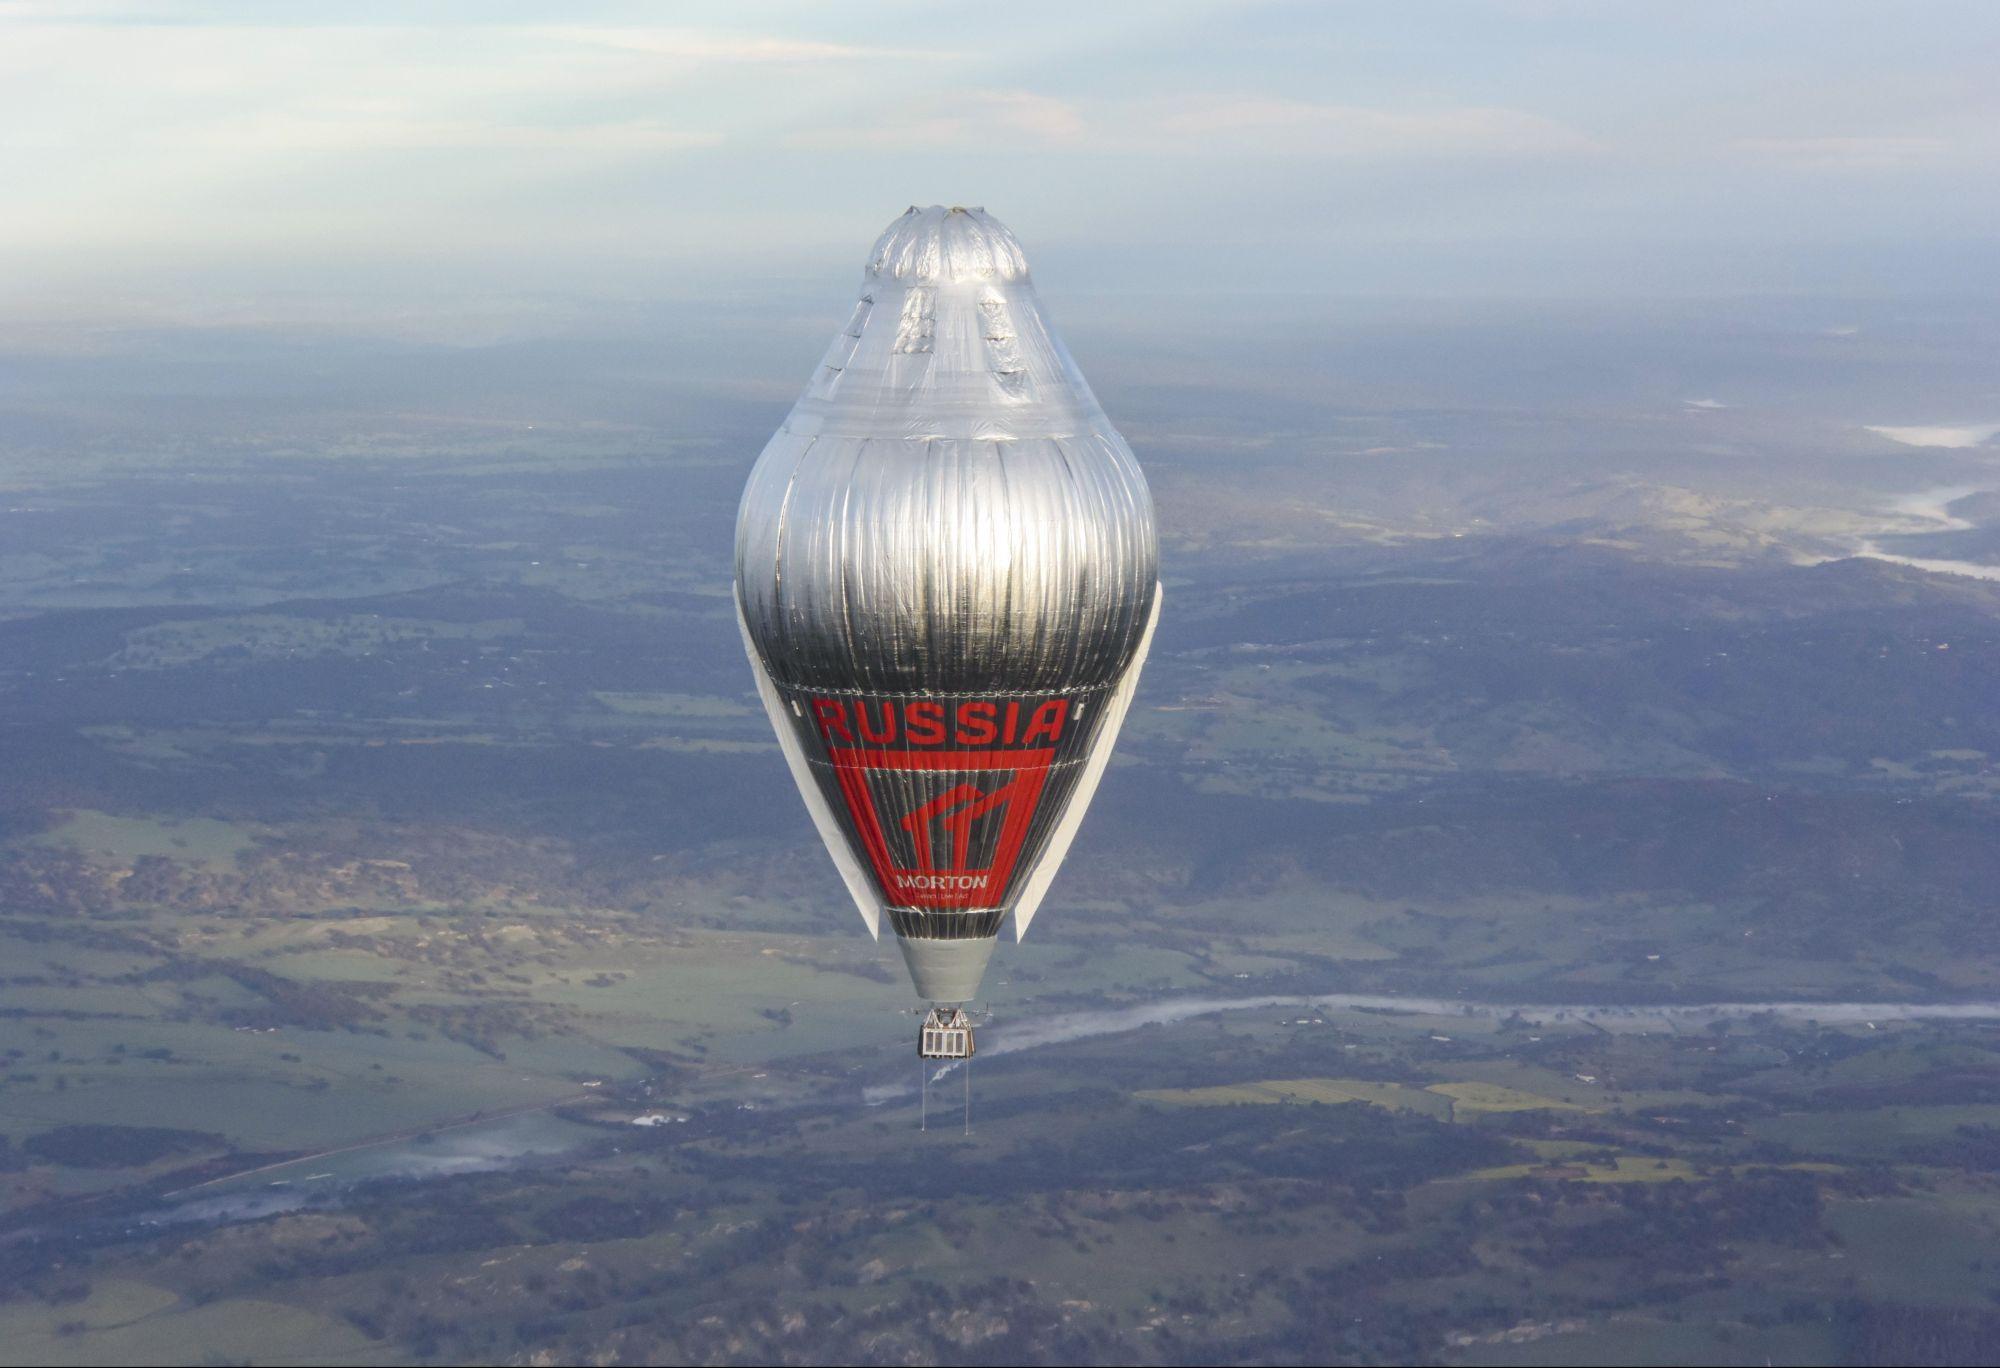 2016 Воздушный шар «Мортон» завершает рекордный кругосветный полет за 11 дней 4 часа 20 минут